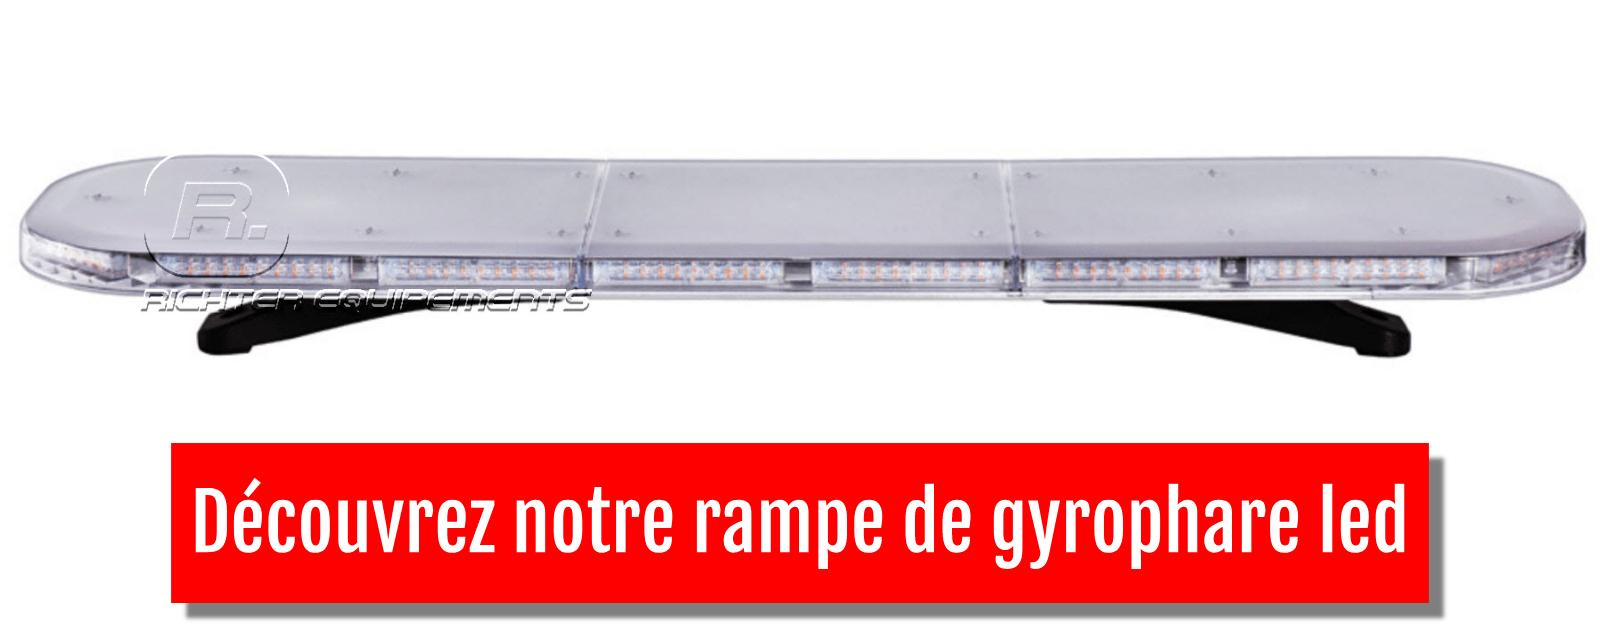 découvrez notre rampe de gyrophare led sur richter equipements